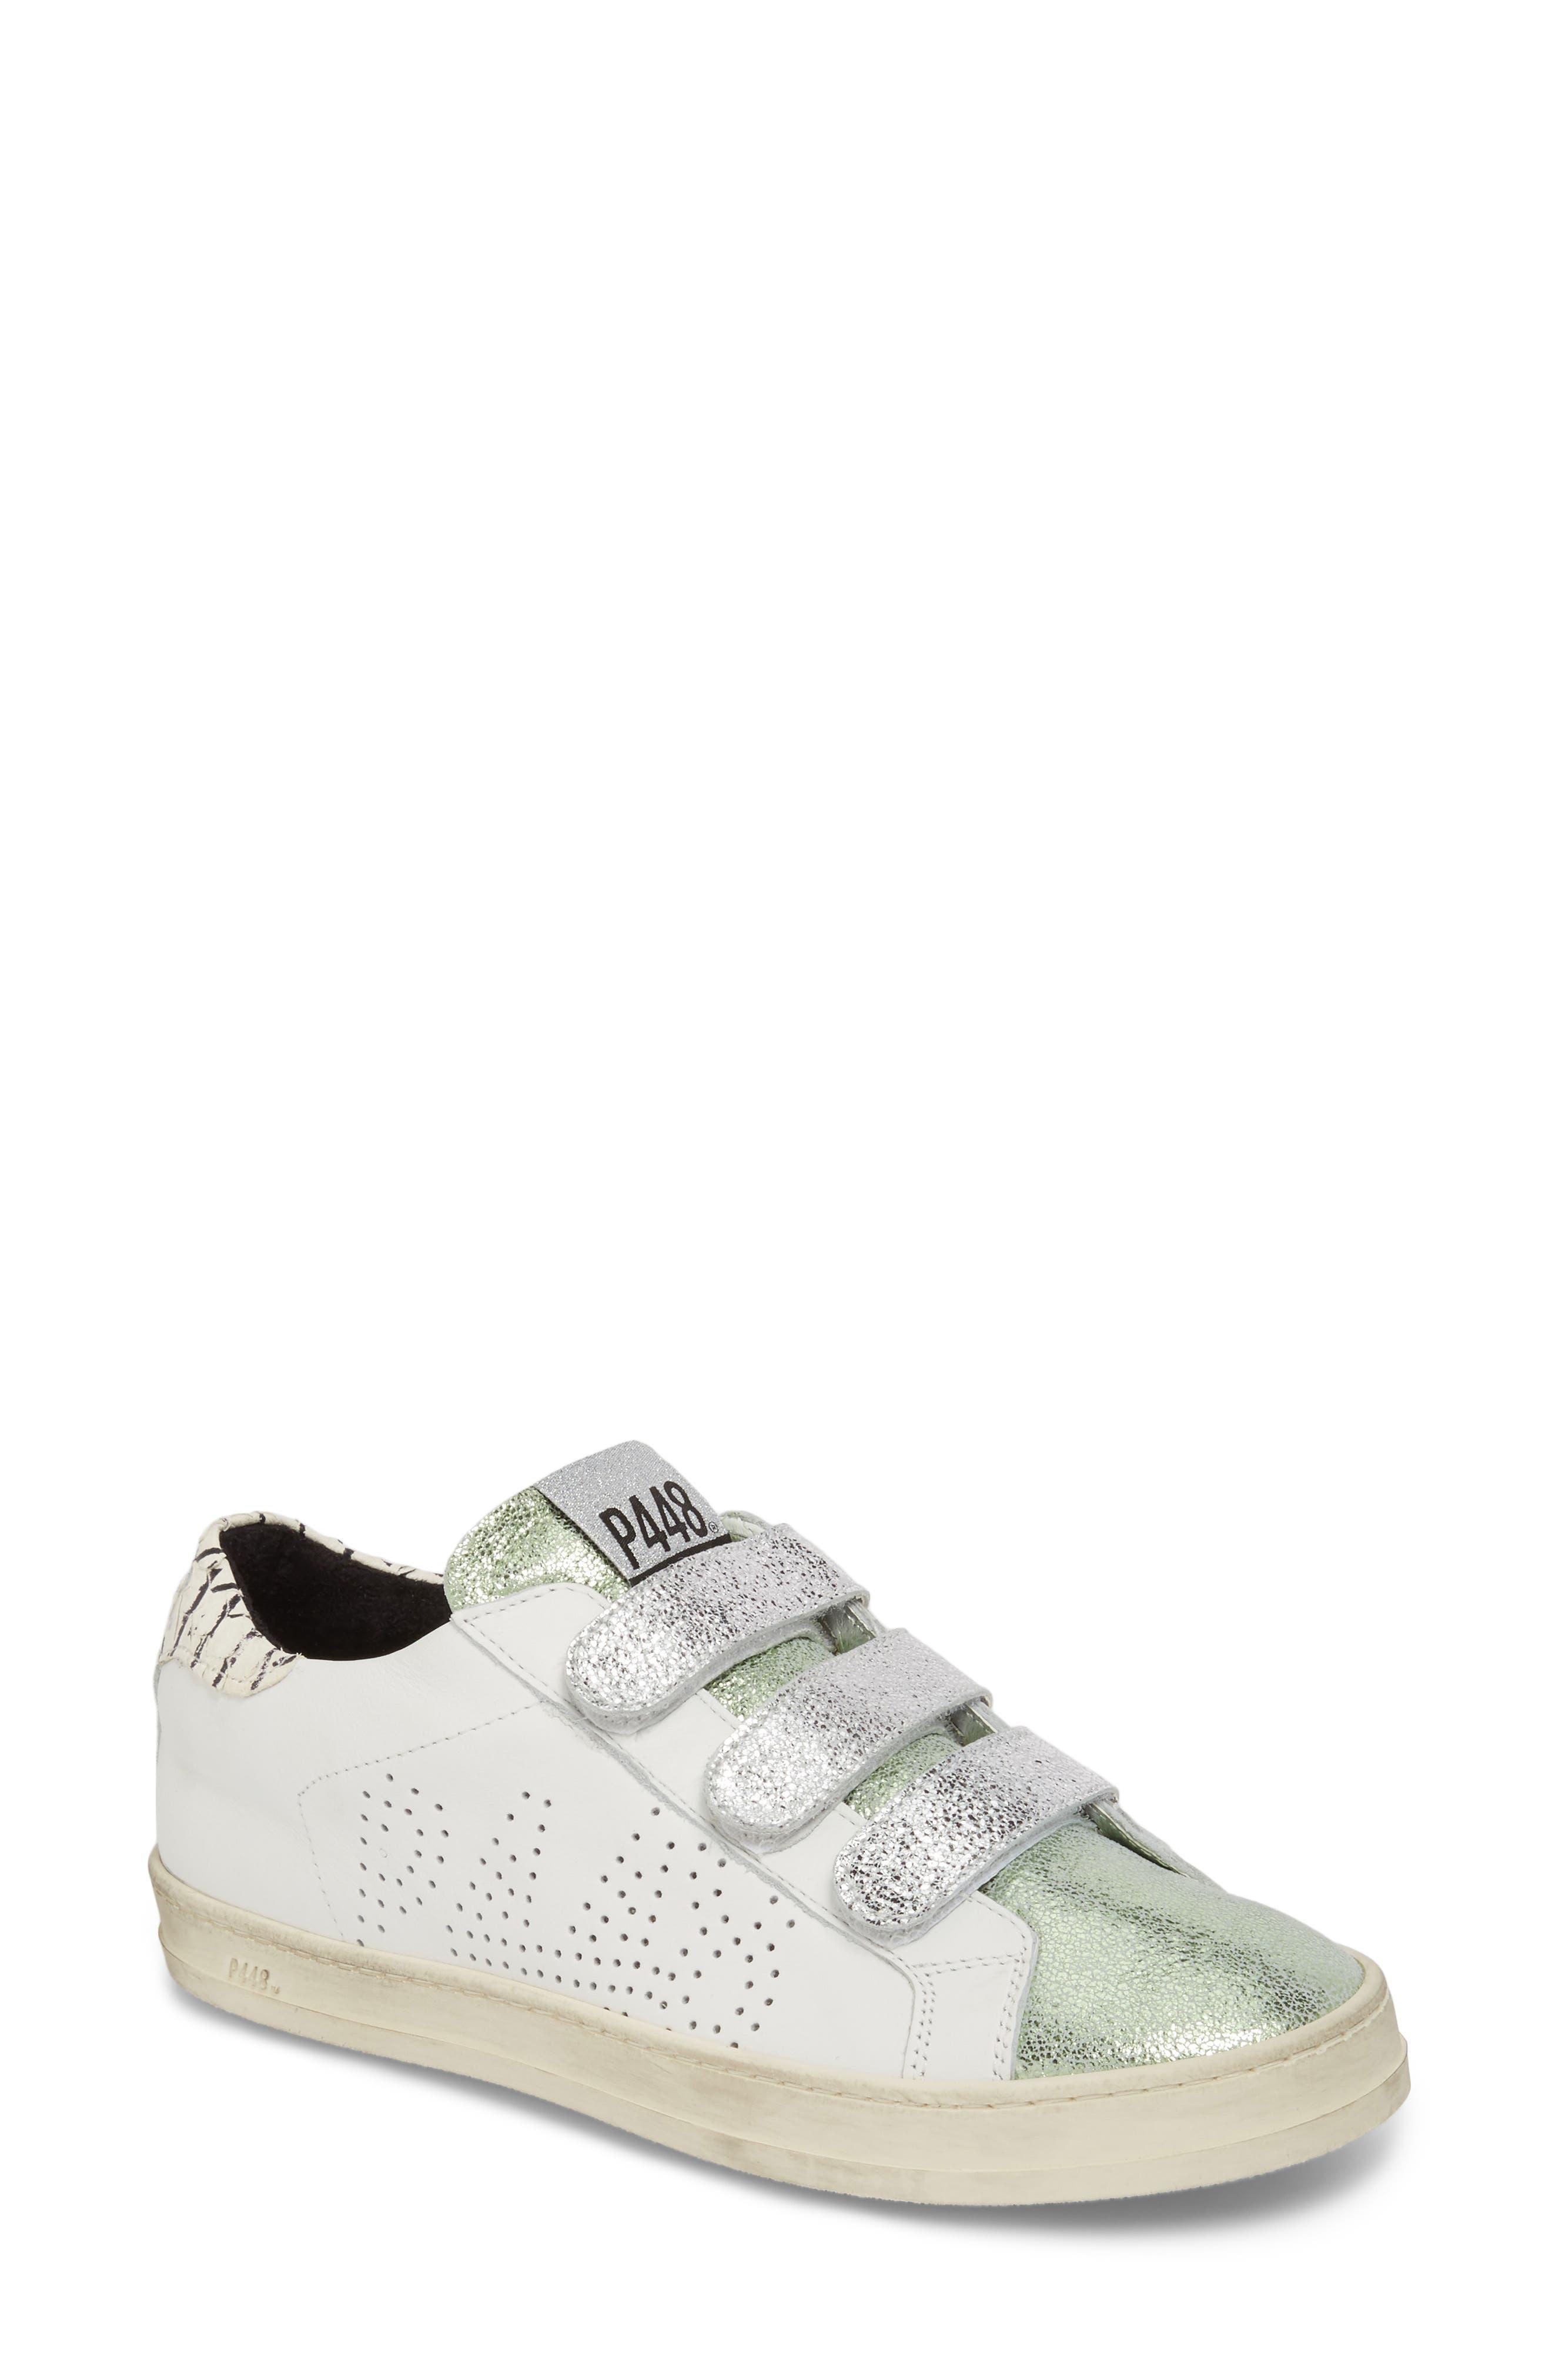 Ralph Sneaker,                         Main,                         color, 300